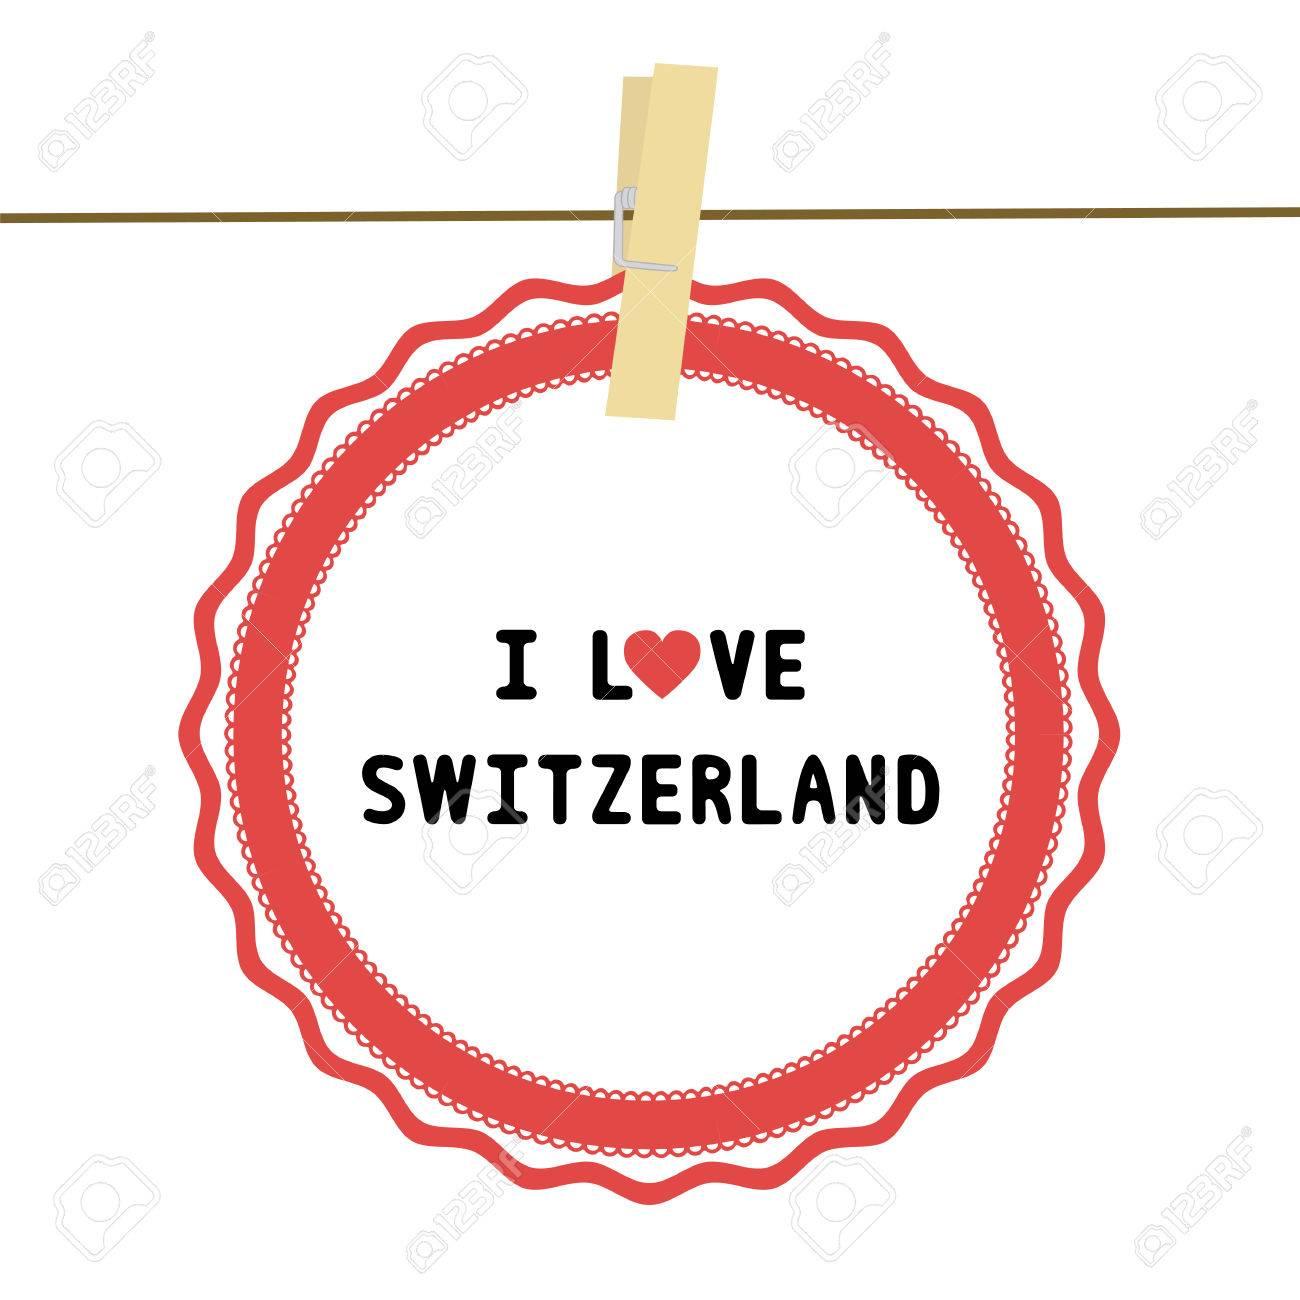 Ich Liebe Die Schweiz Brief Karte Für Die Dekoration Lizenzfrei